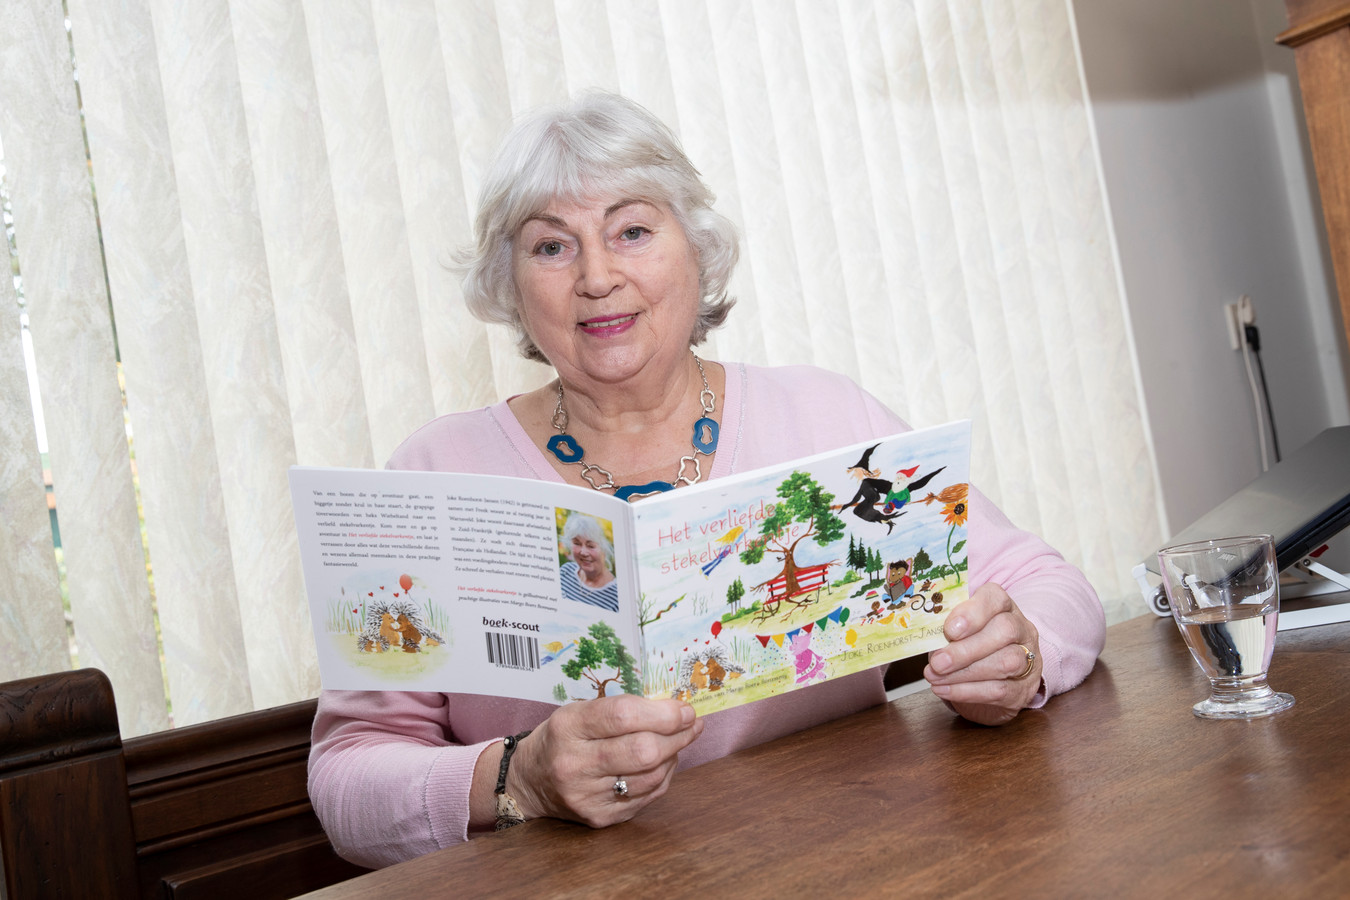 De 77-jarige Joke Roenhorst-Jansen met haar sprookjesboek 'Het verliefde stekelvarkentje'. ,,Het is een juweeltje geworden. Mede dankzij de mooie tekeningen van Margo Boers Bonnamy.''